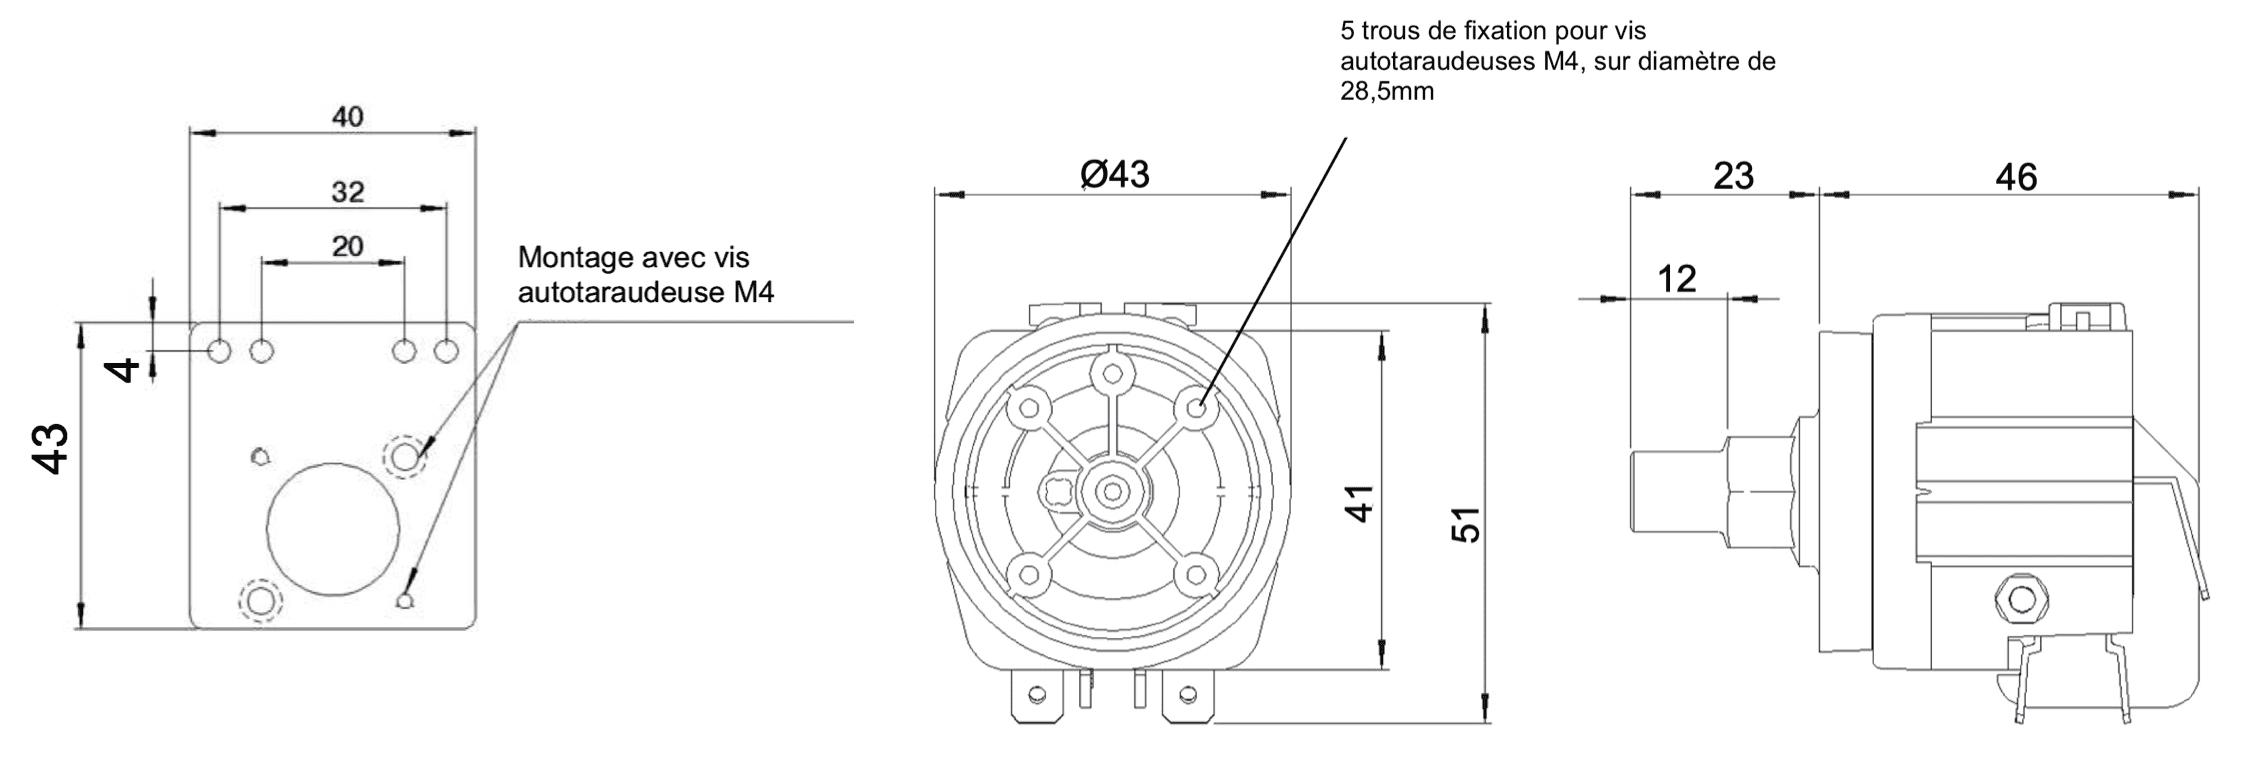 dimensions manostat 6741 6742 plaque de montage 6050-6000-0001